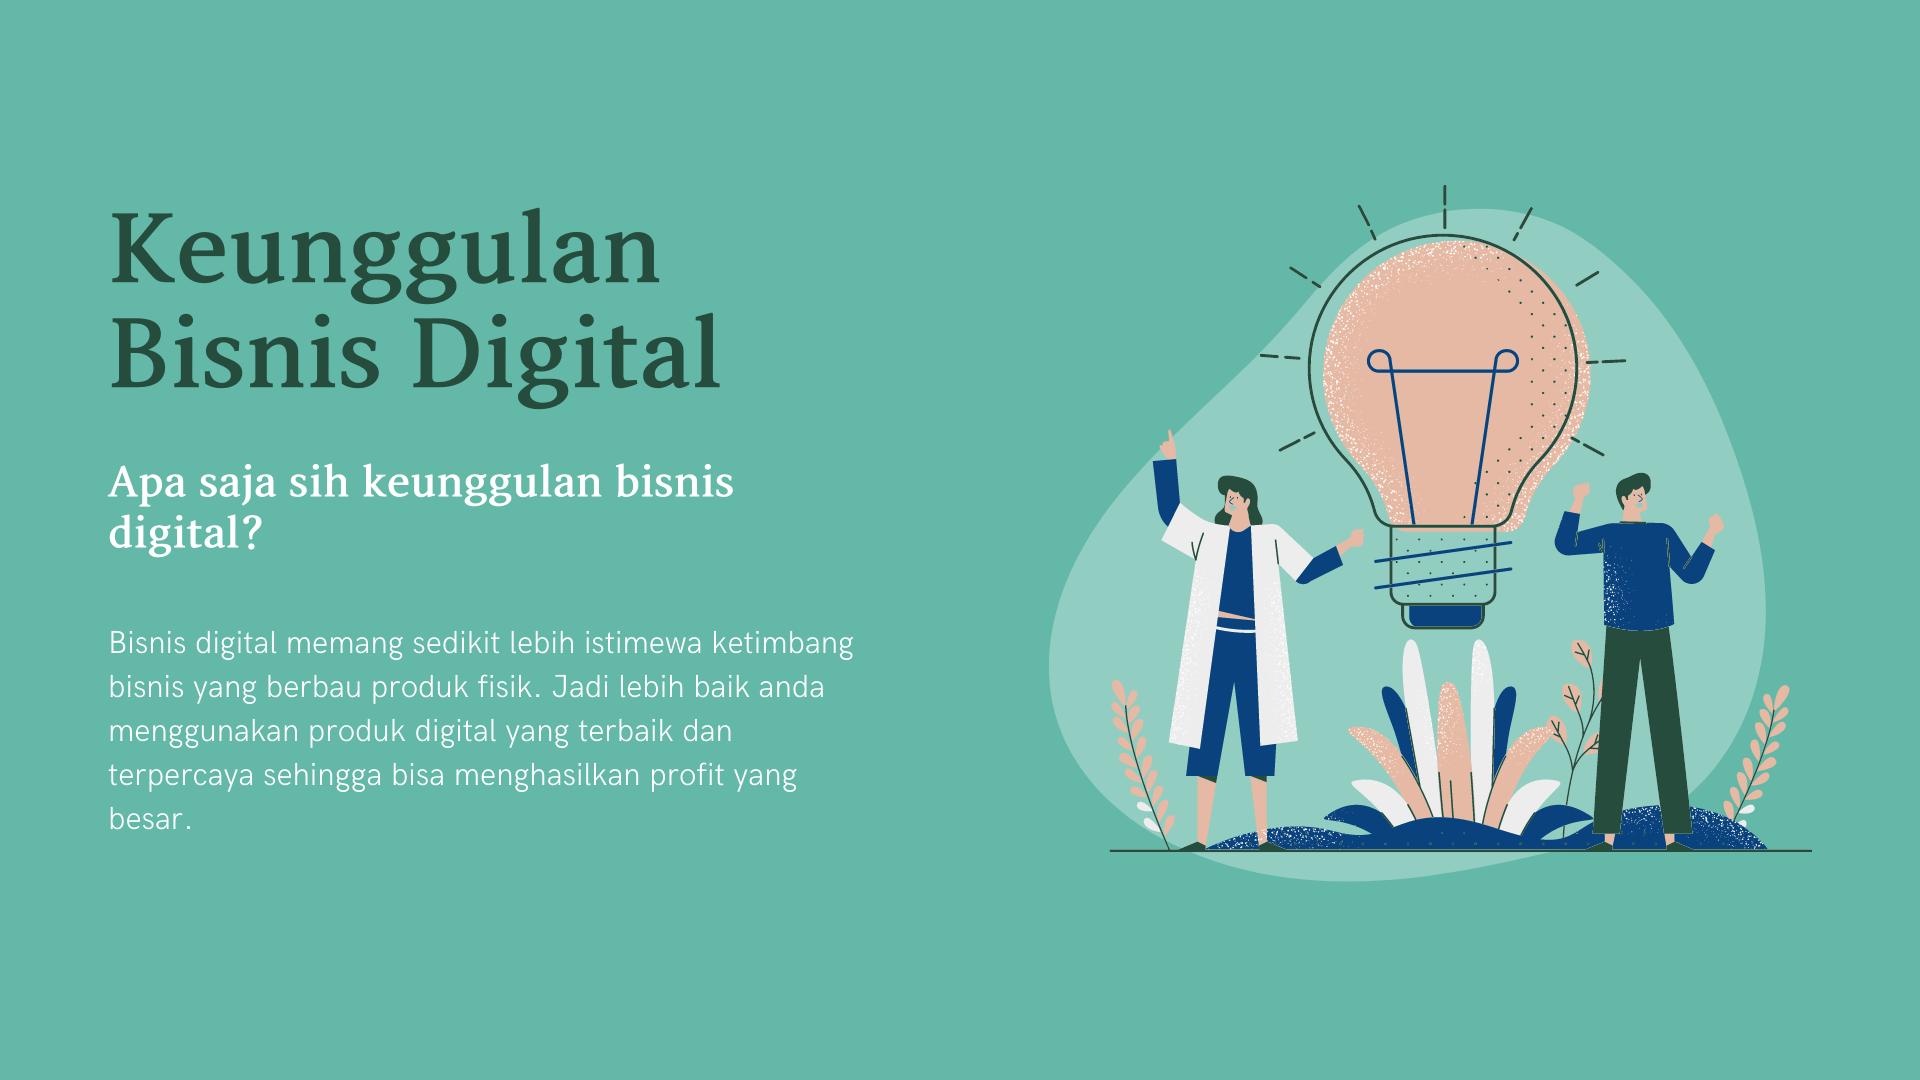 keunggulan bisnis digital